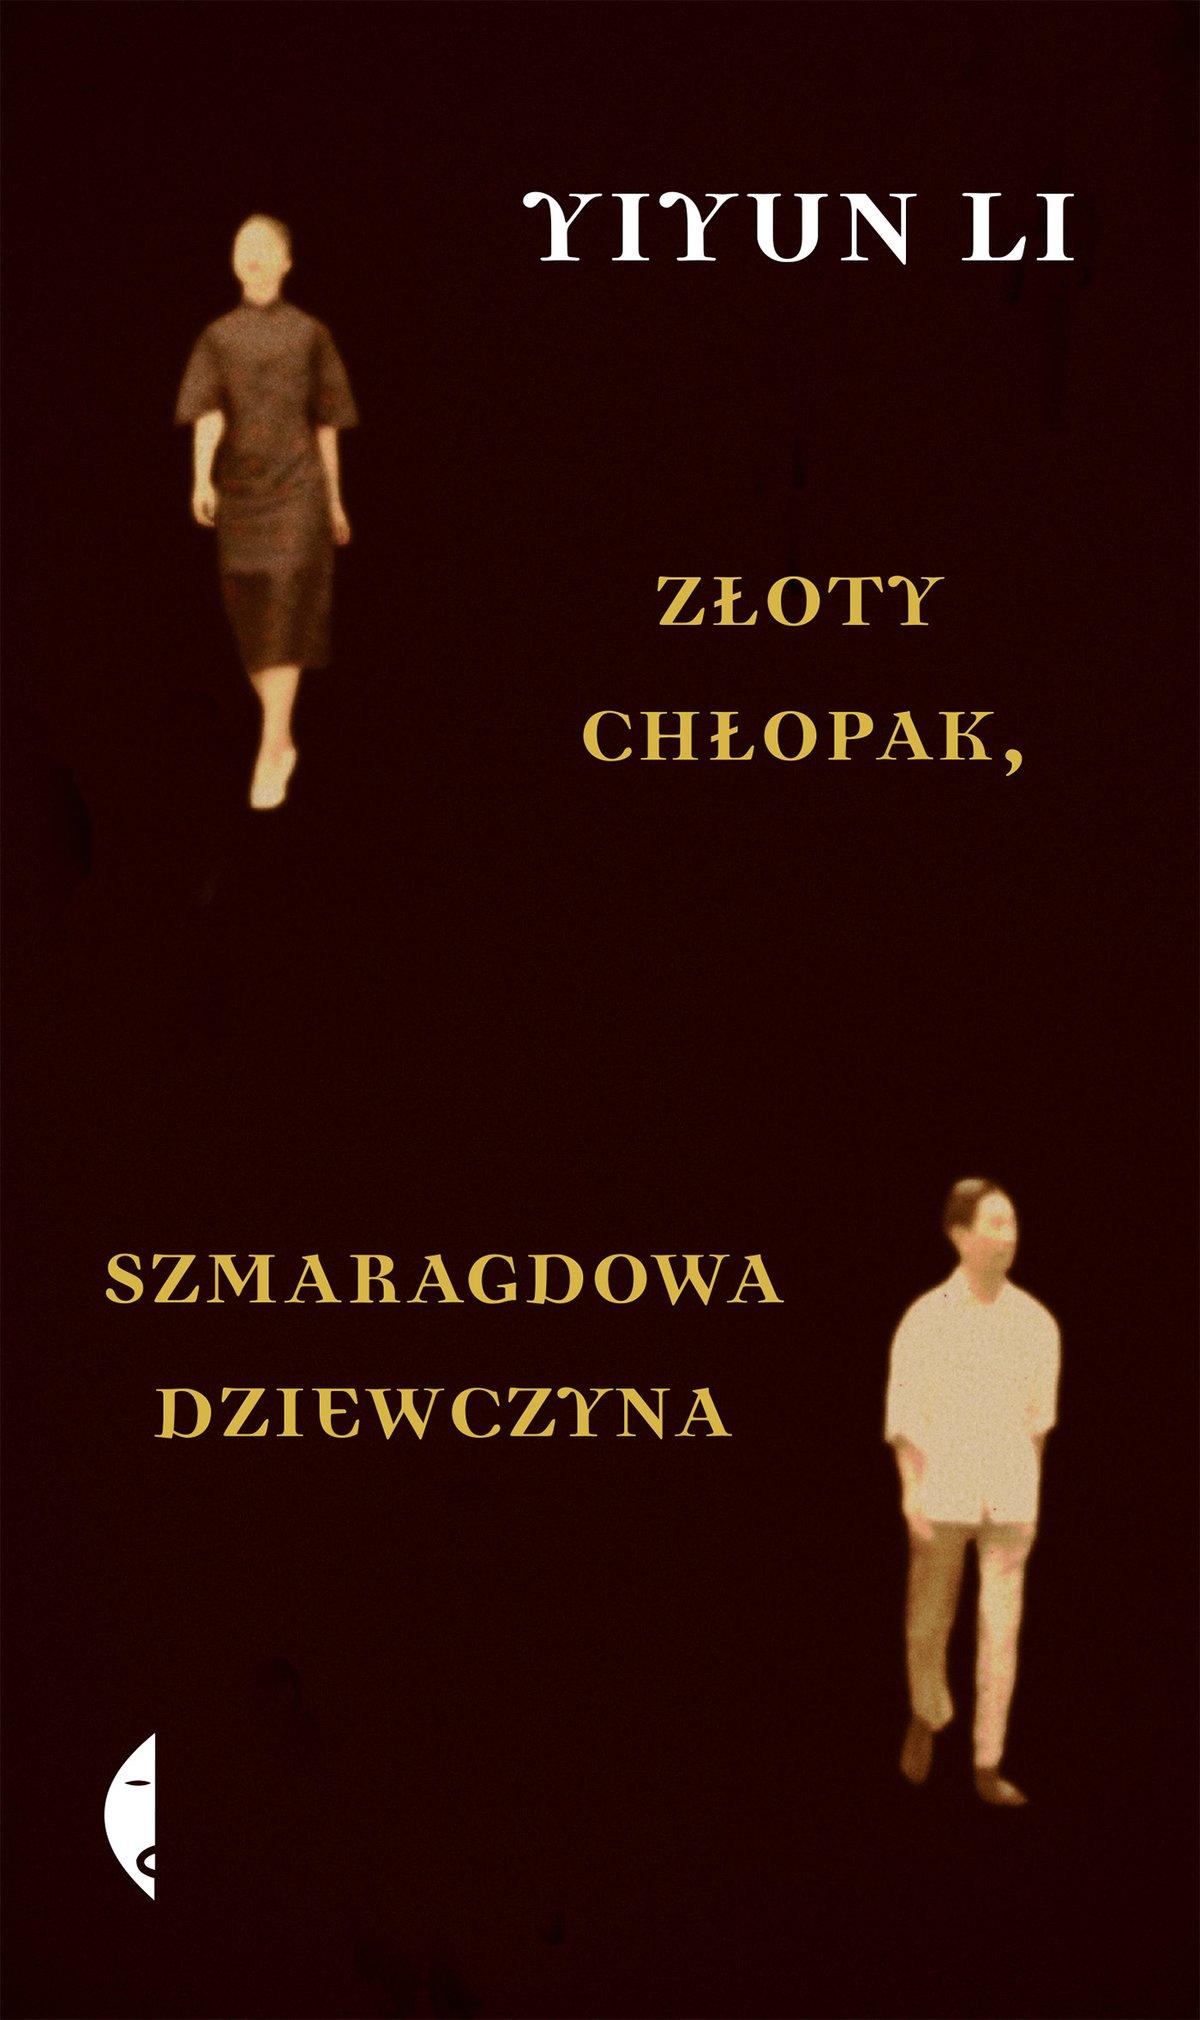 Złoty chłopak, szmaragdowa dziewczyna - Ebook (Książka na Kindle) do pobrania w formacie MOBI